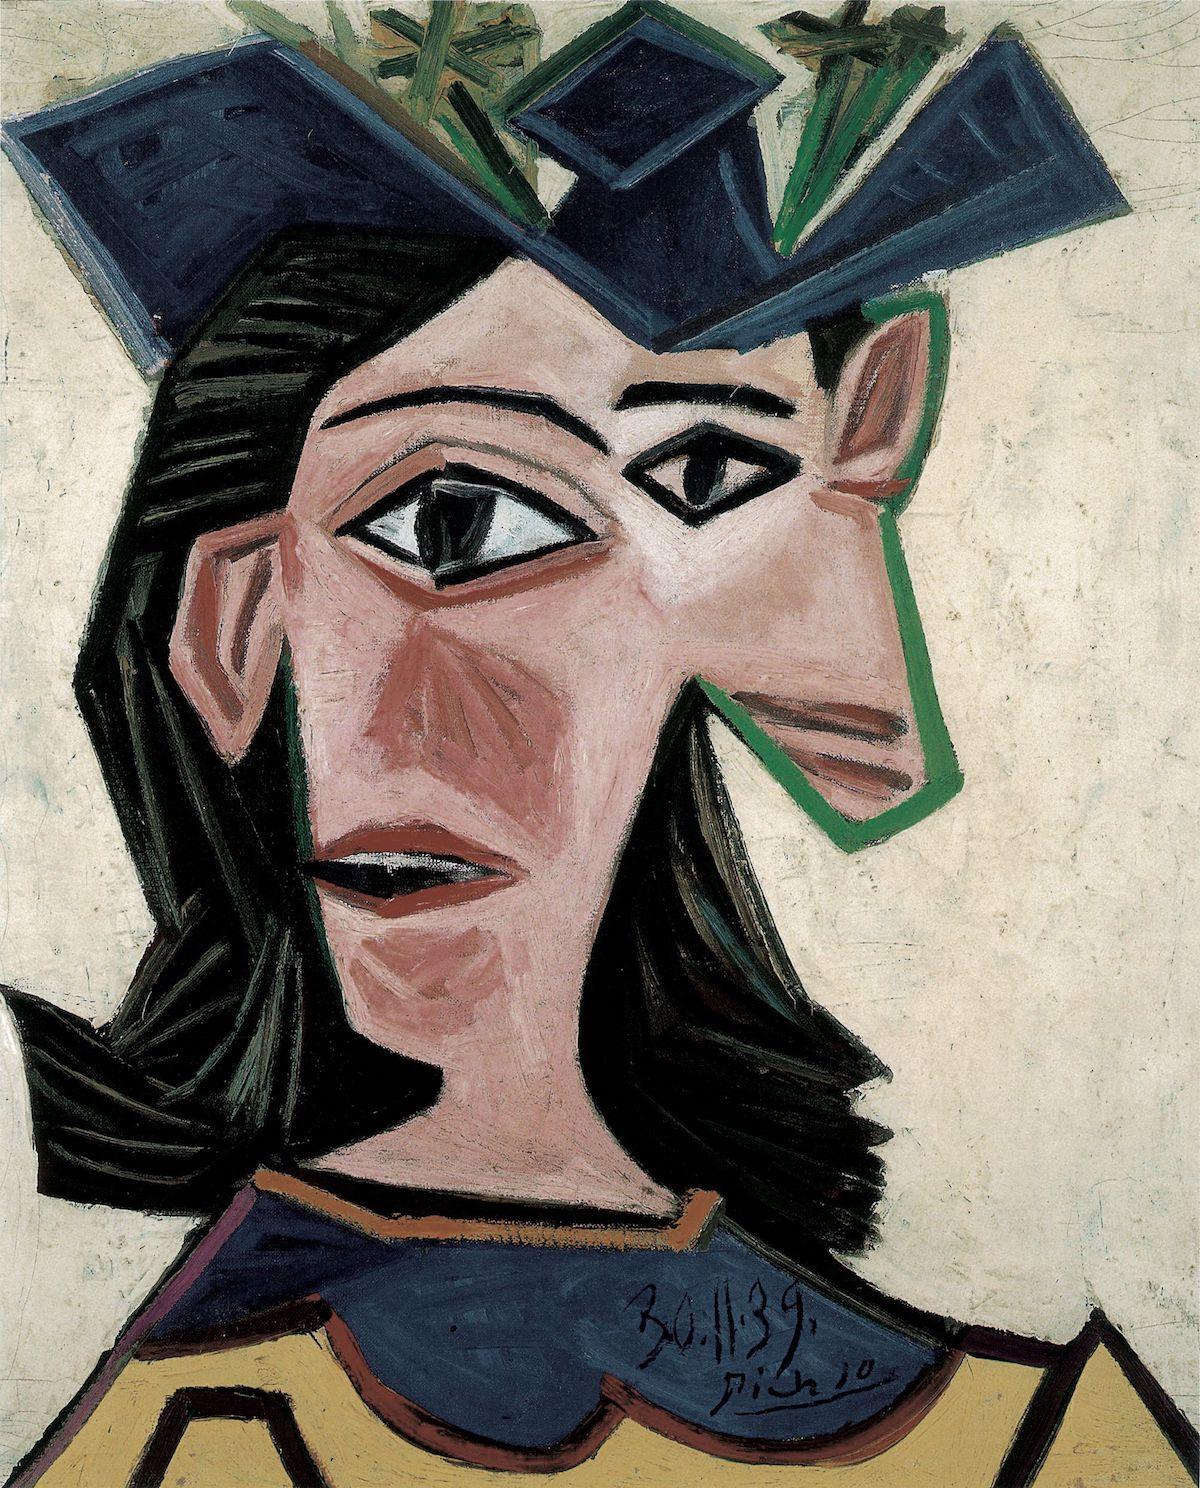 Pablo Picasso, Buste de femme au chapeau (Dora), 1939. Fondation Beyeler, Riehen/Basel, Sammlung Beyeler. © Succession Picasso / 2019, ProLitteris, Zürich. Photo by Peter Schibli.